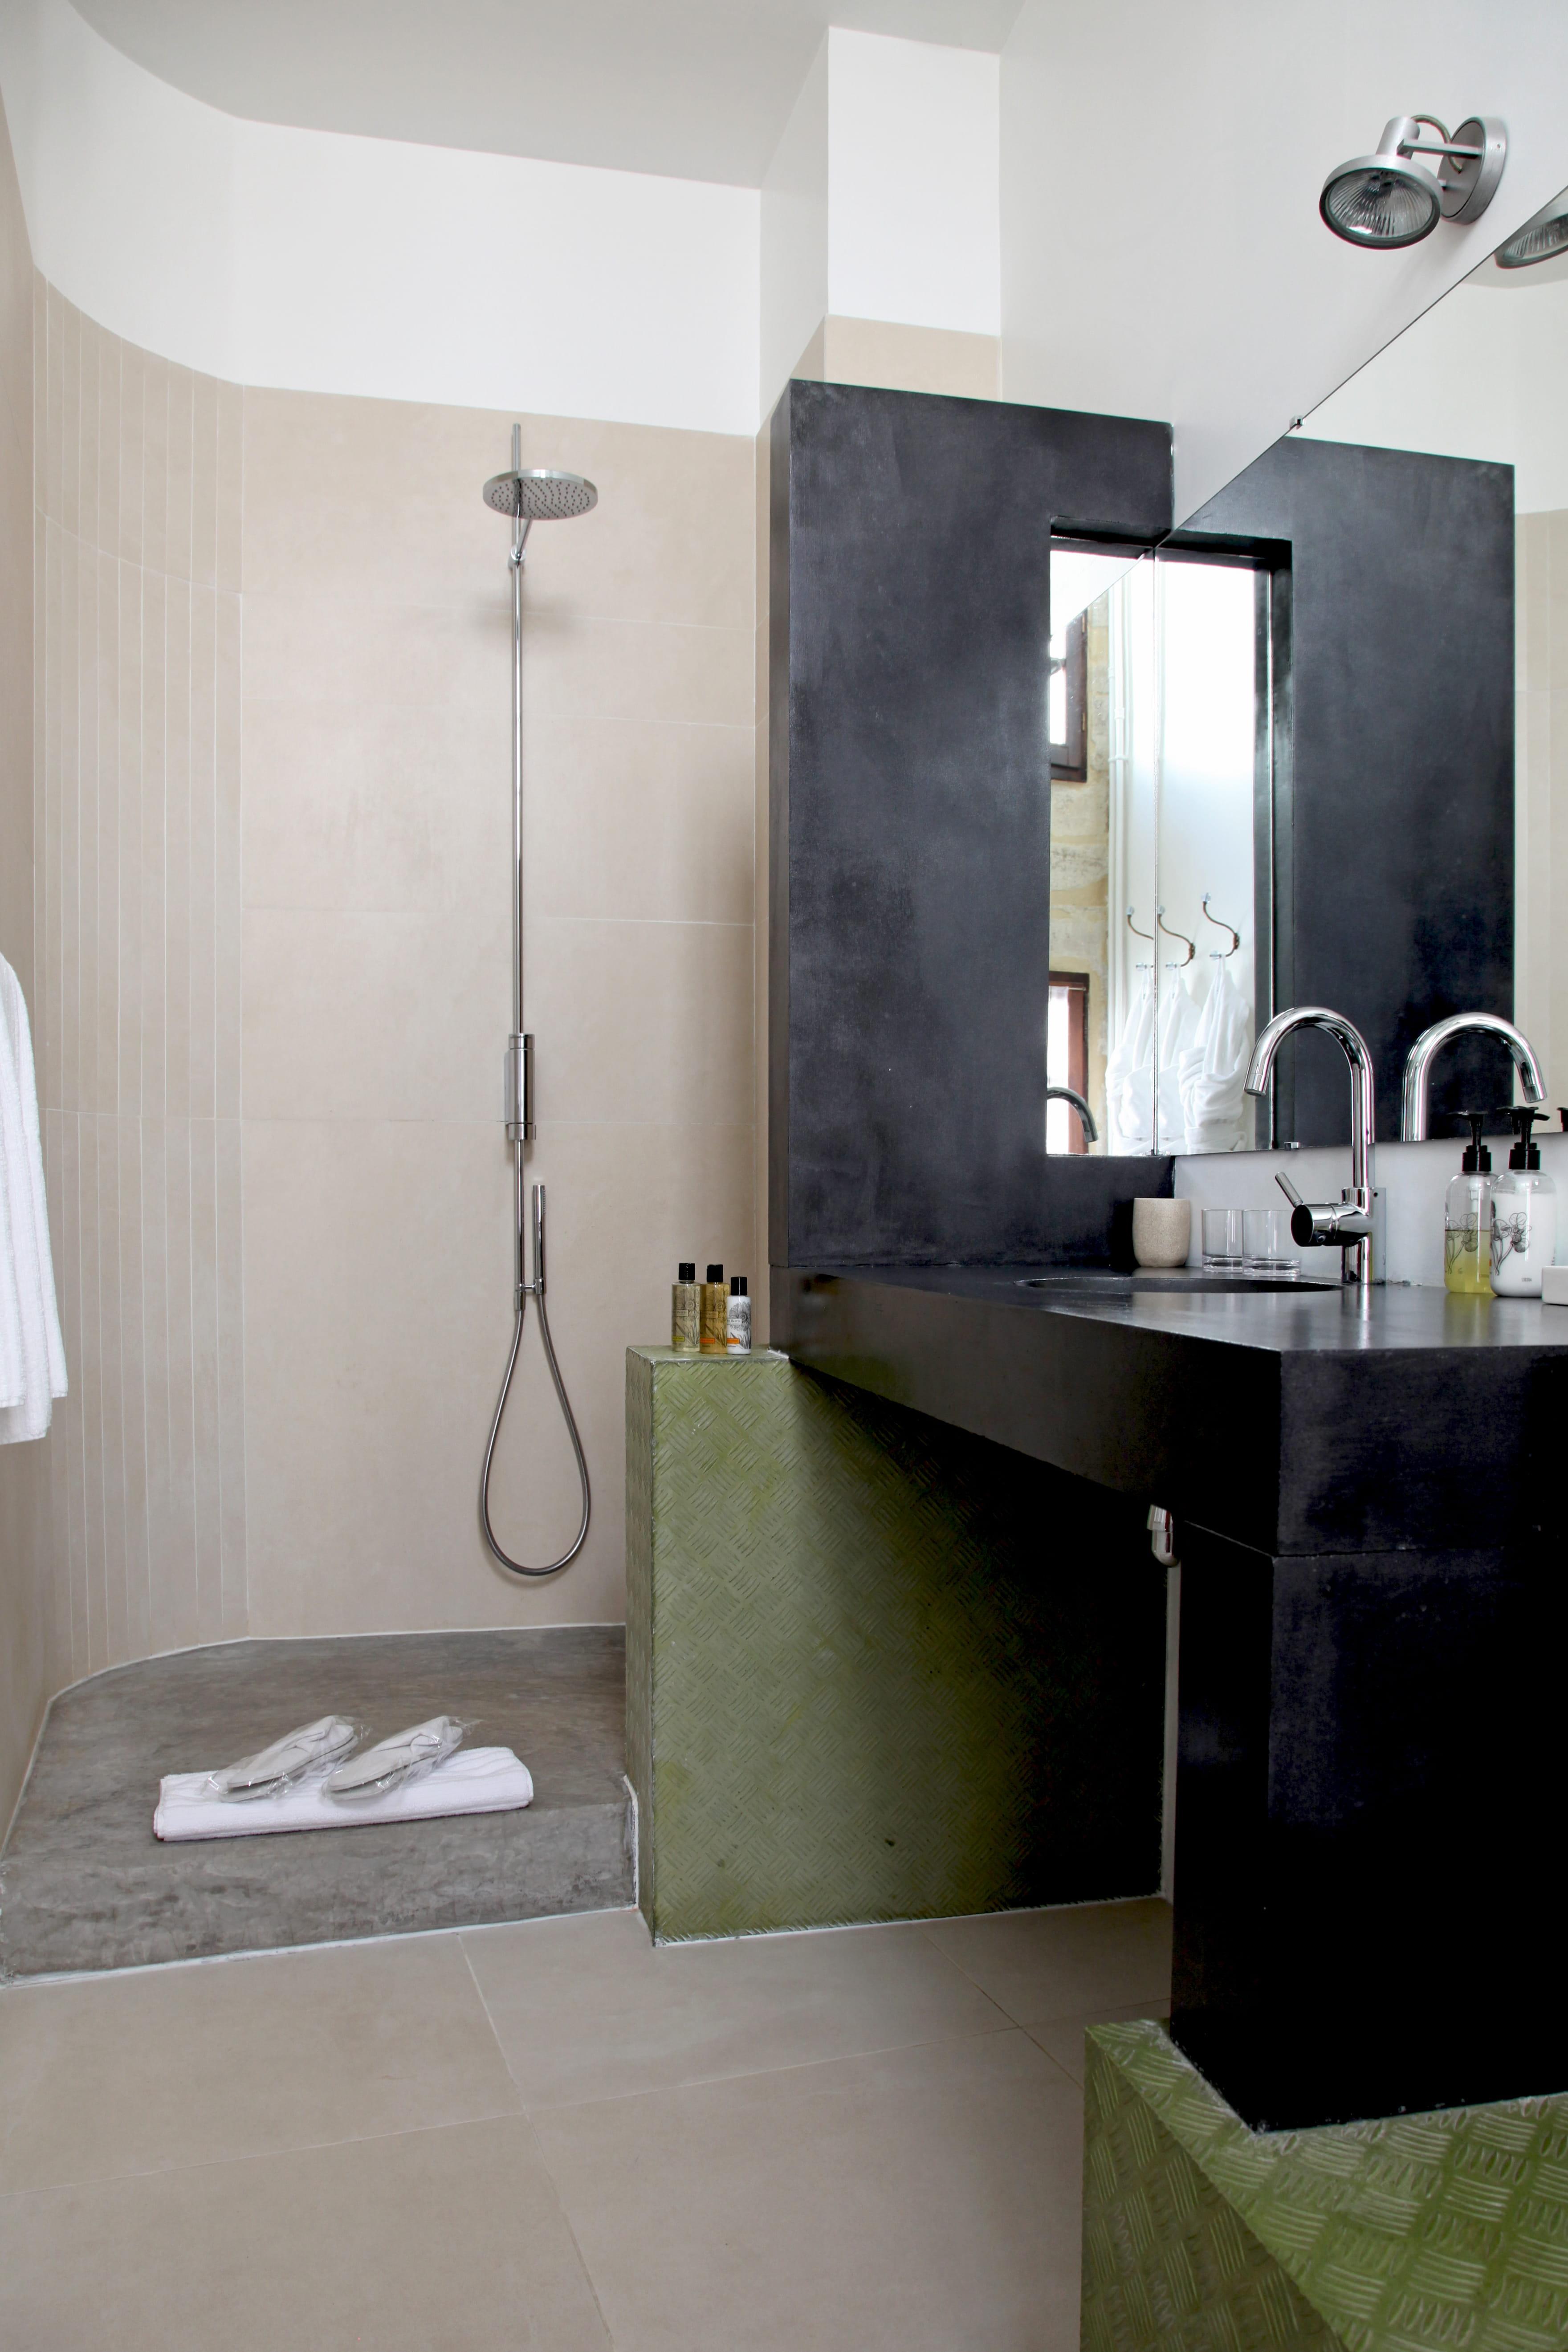 Le b ton dans la salle de bains - Idee de salle de bain italienne ...